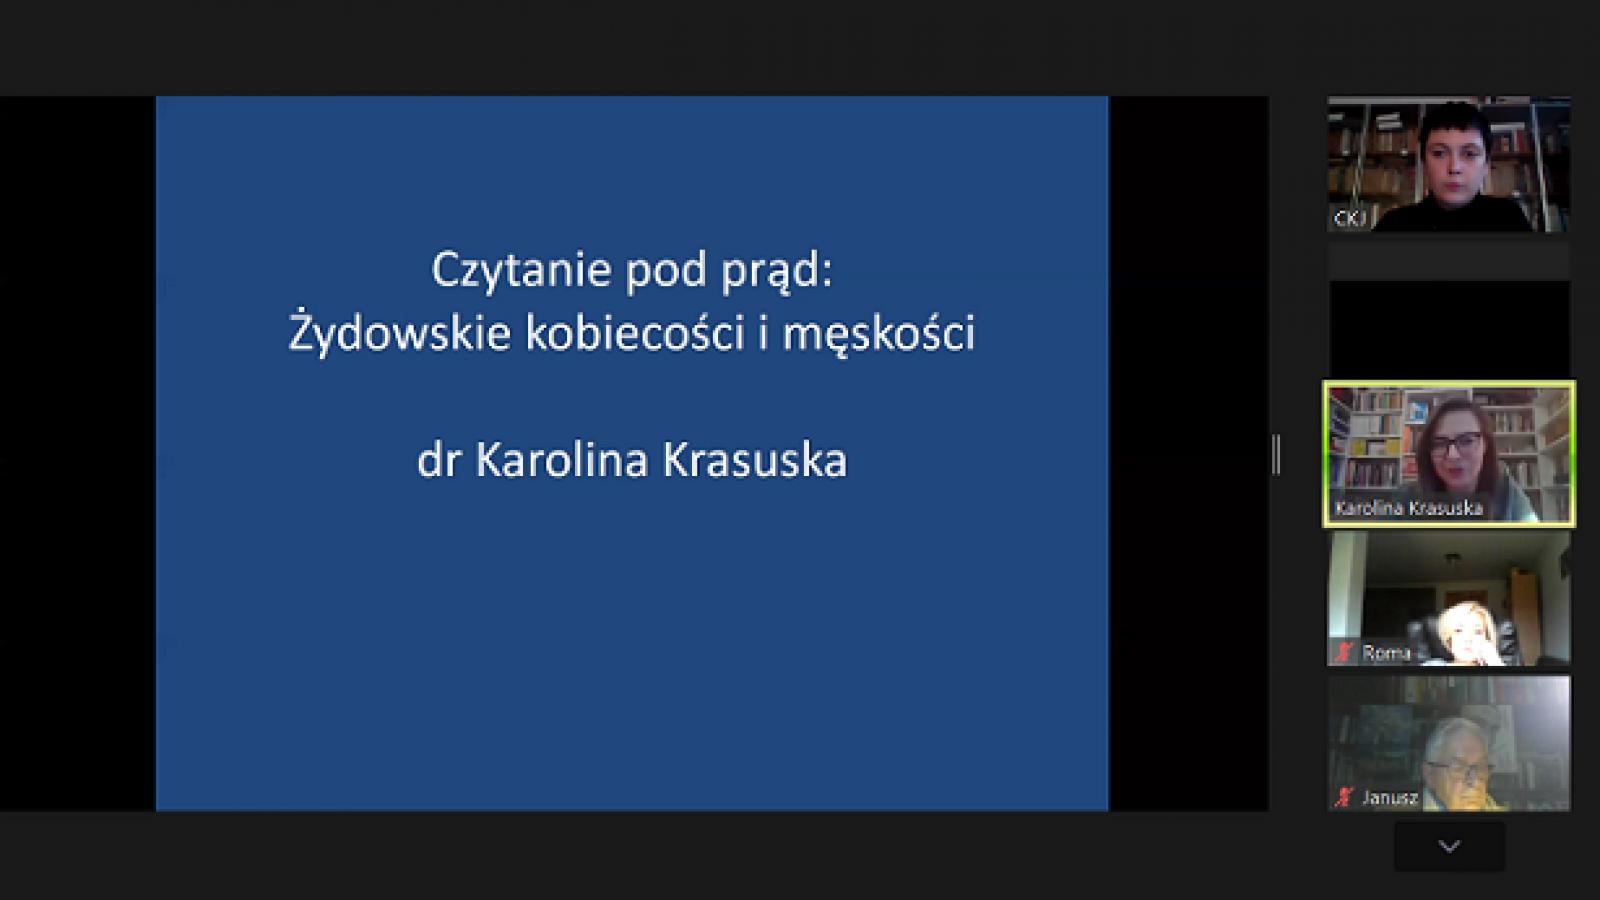 Screen z wykładu, po prawej uczestnicy, w środku grafiki tytuł wykładu i nazwisko prowadzącej